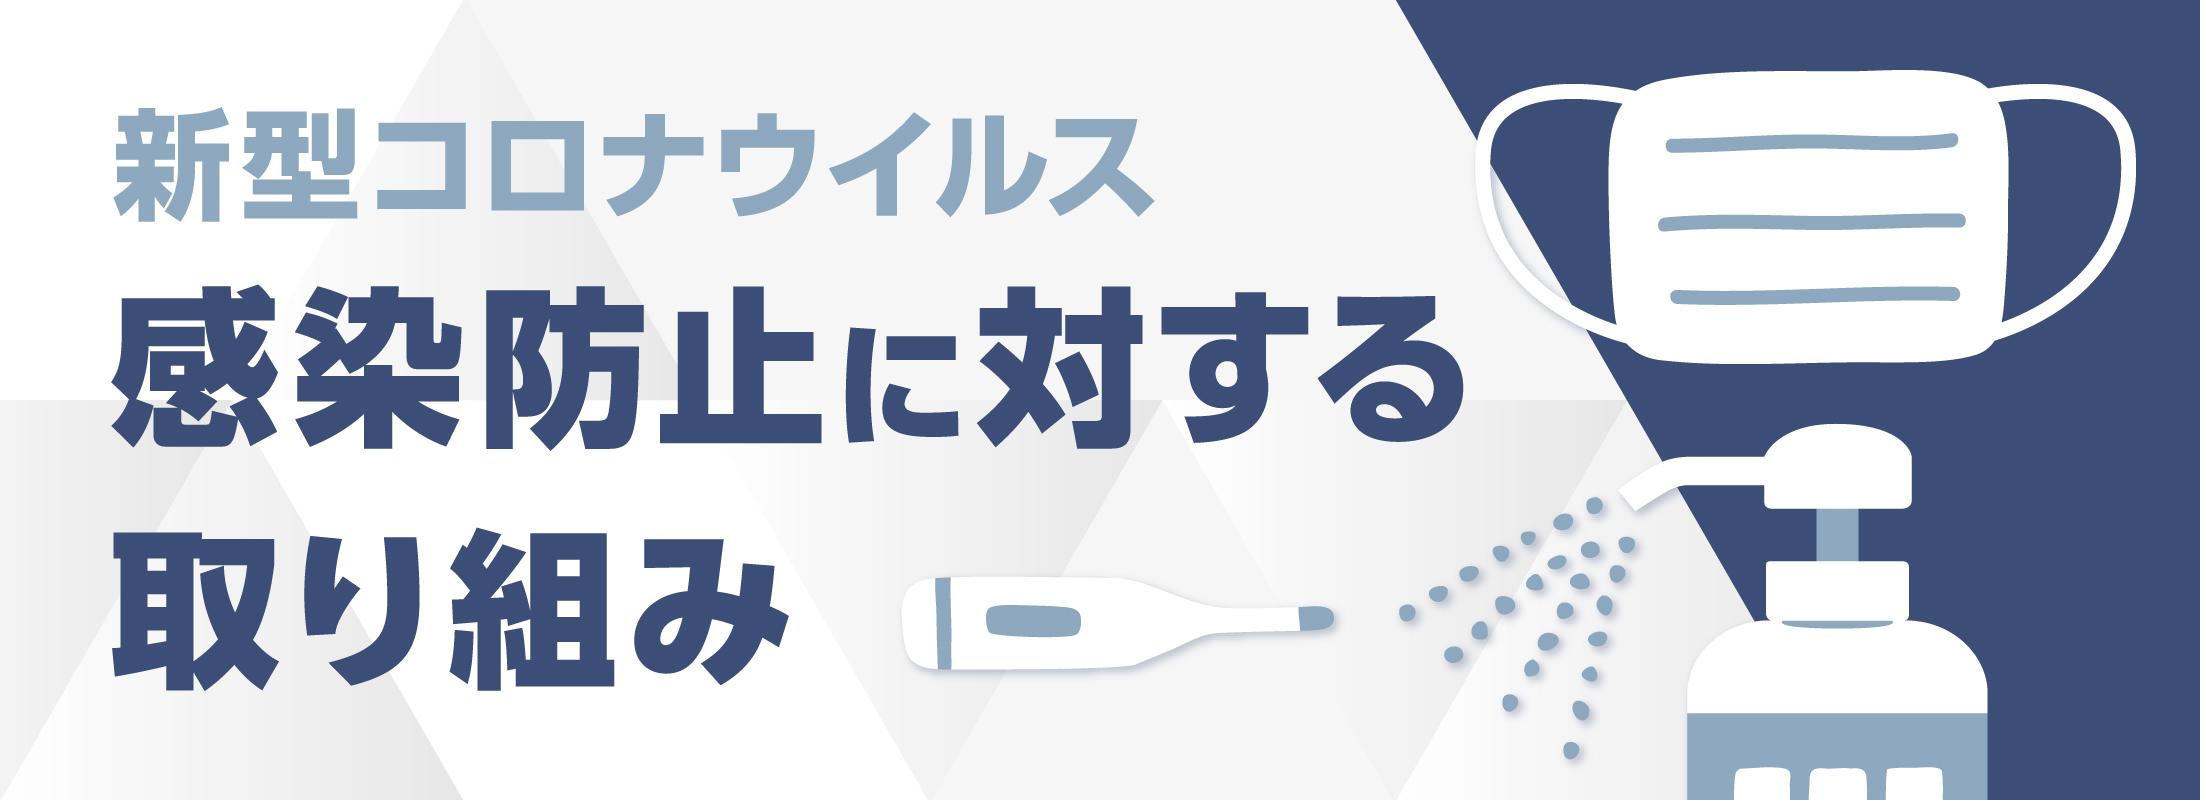 新型コロナウイルス感染防止に対する取り組み